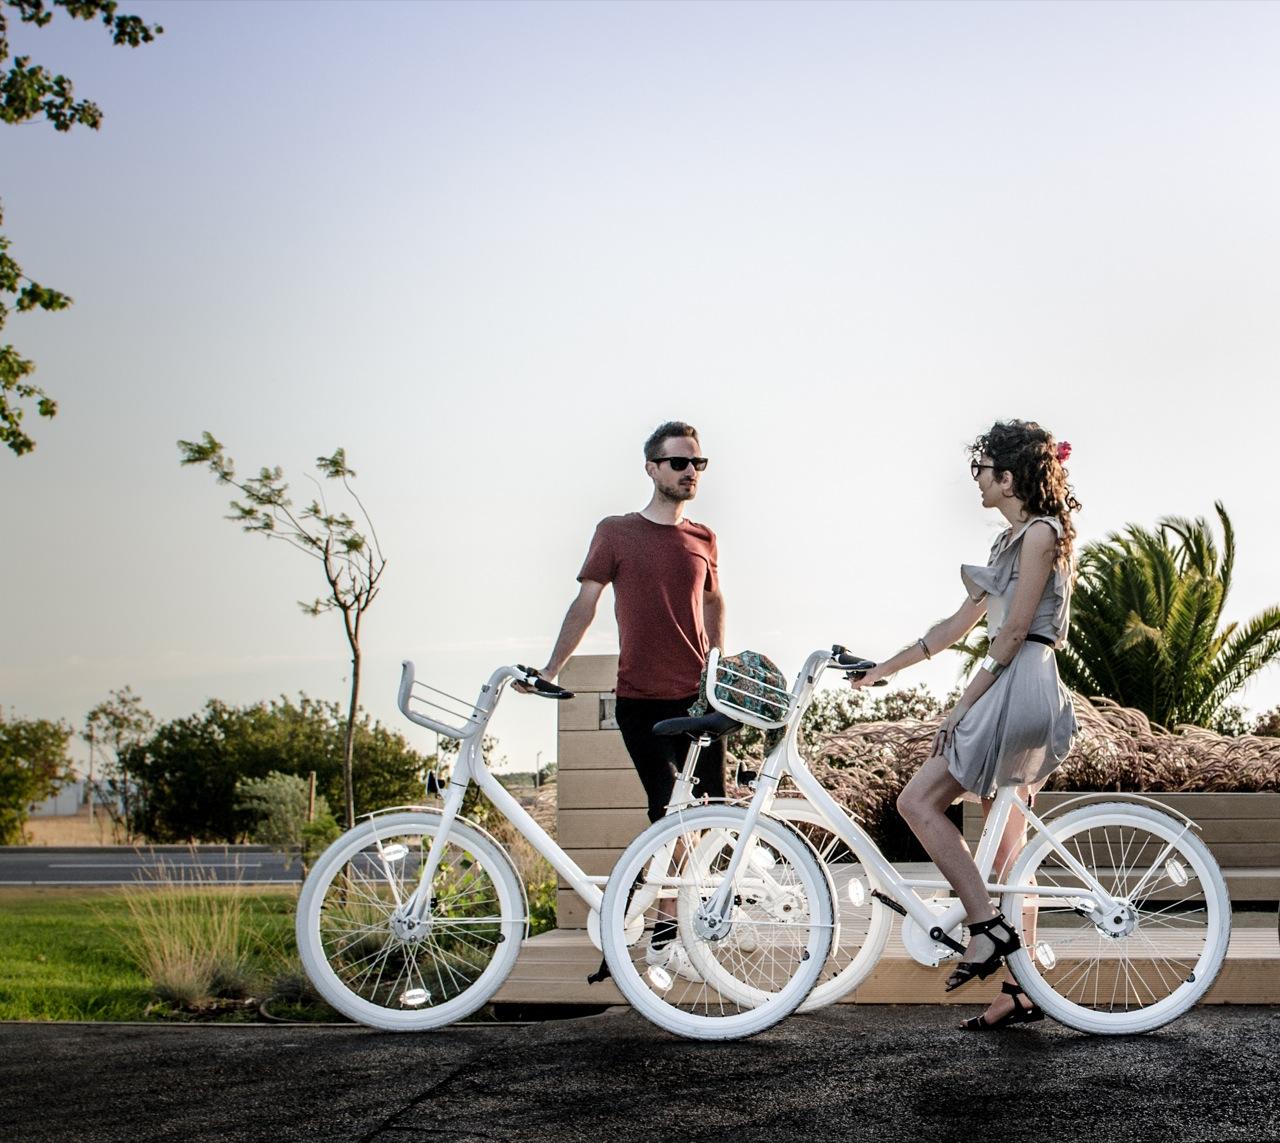 Bicicletas Públicas de Vilamoura / AND-RÉ, © João Soares